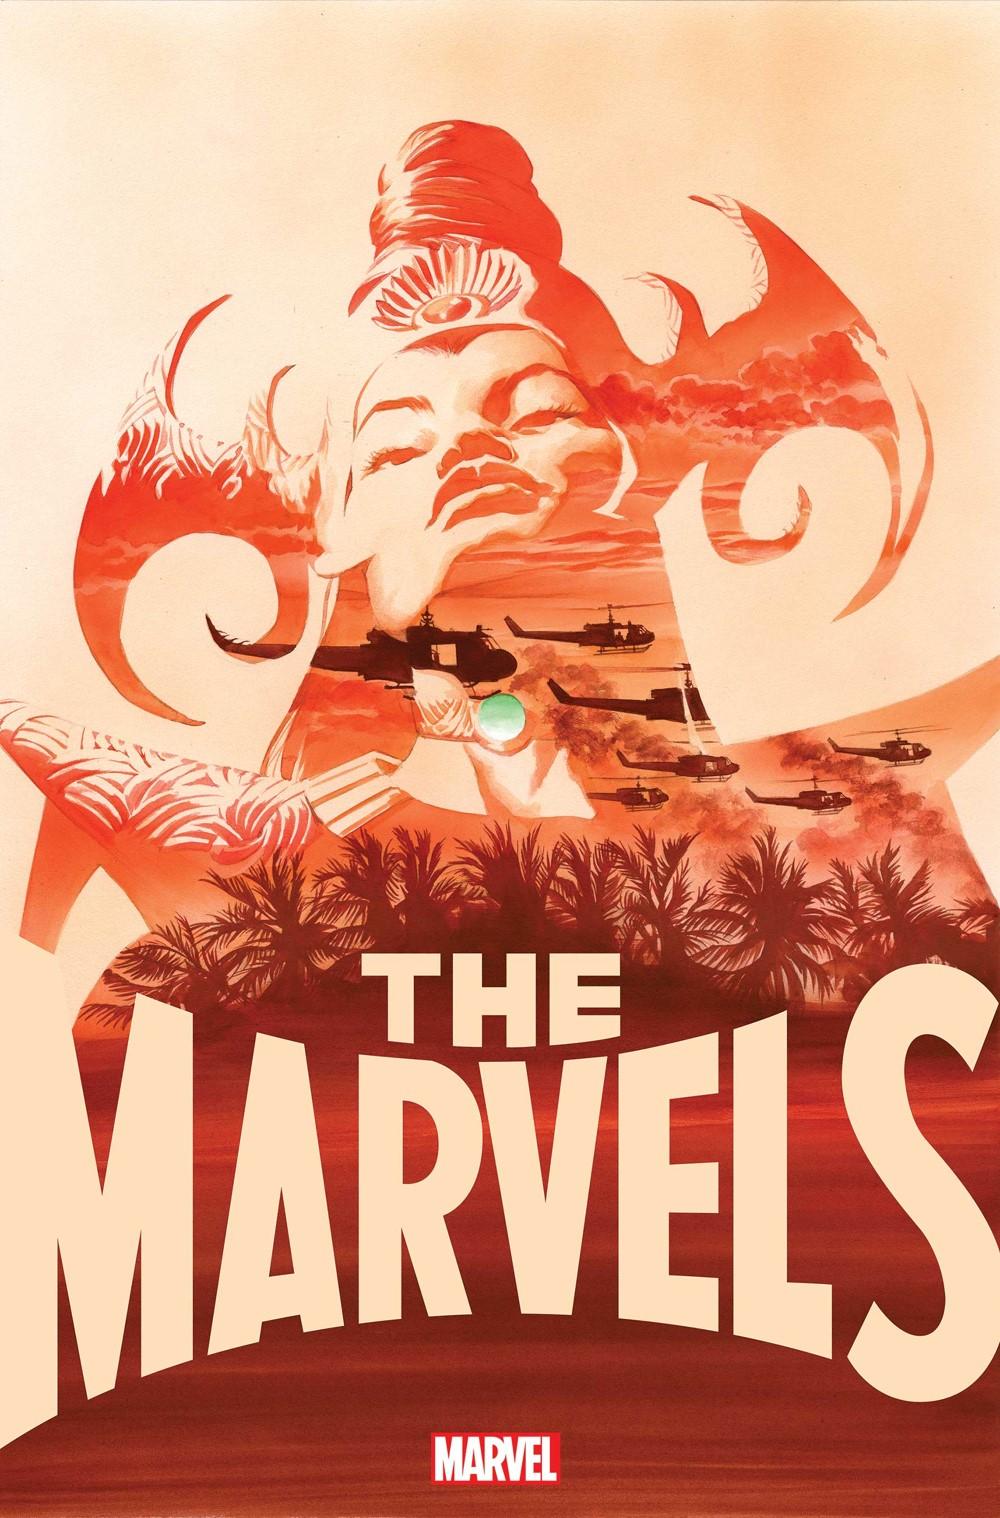 MAR2021006_Cov Marvel Comics October 2021 Solicitations